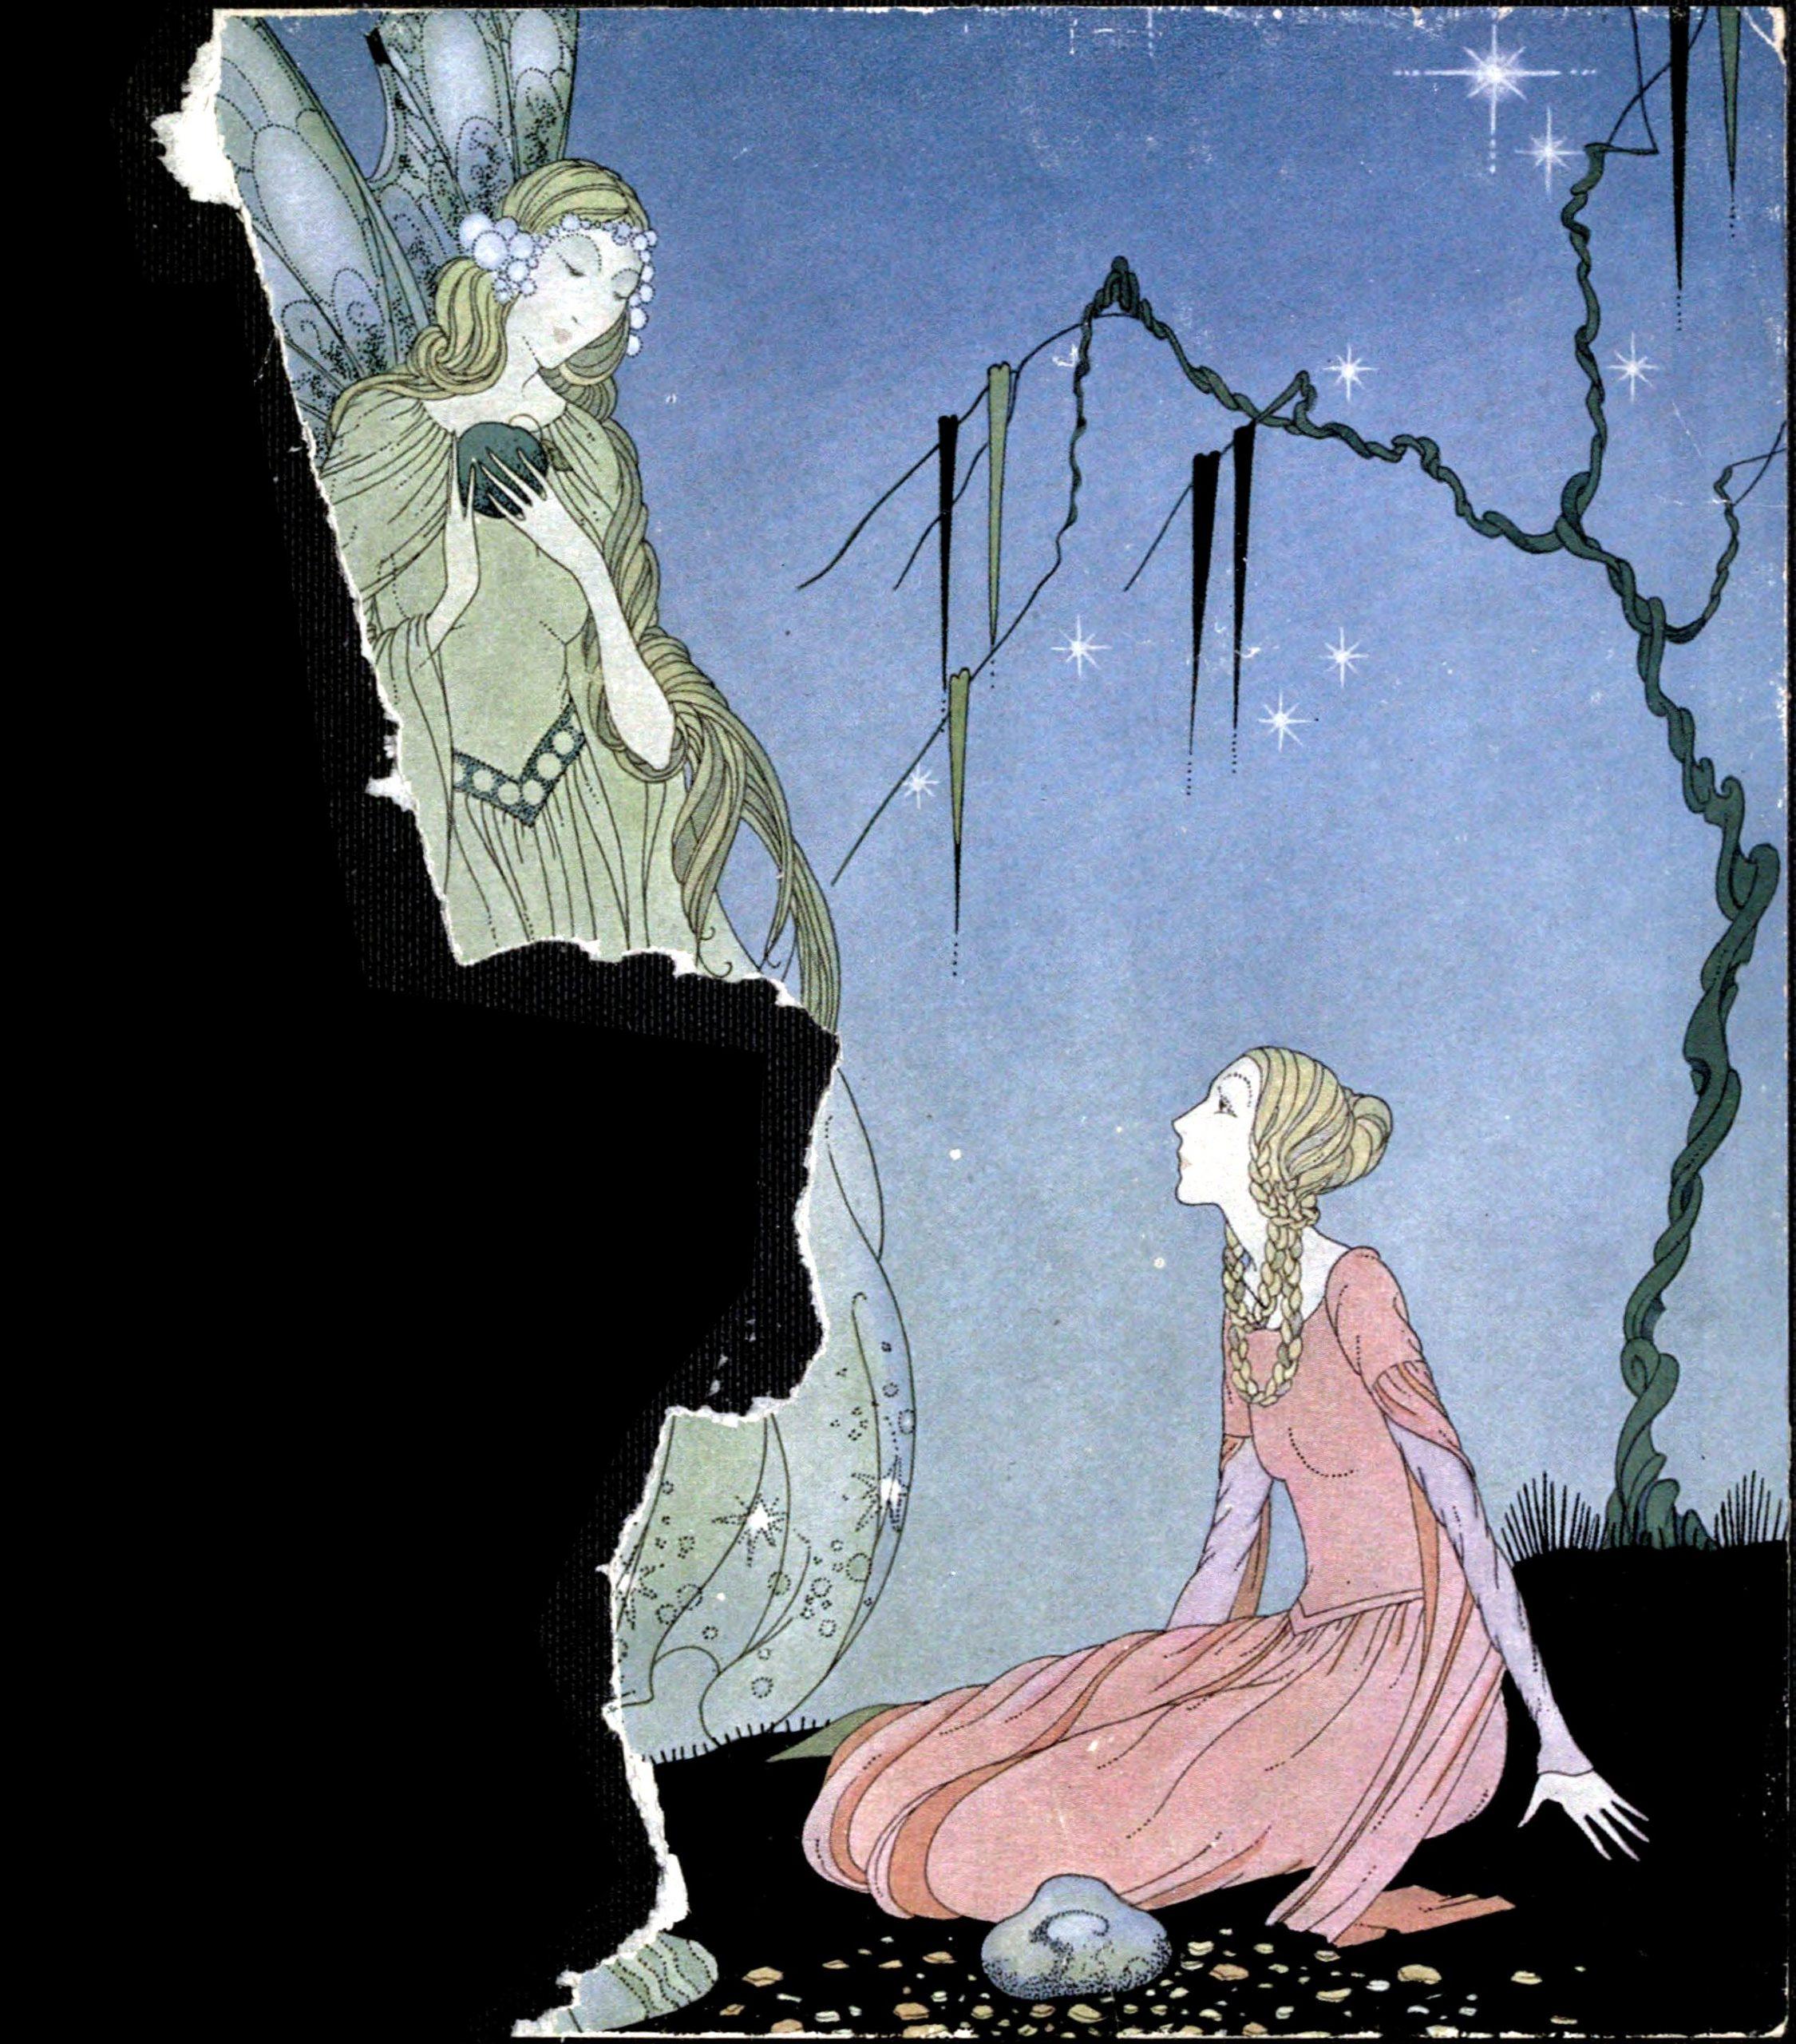 Ilustração de Virginia Frances Sterret para o livro Old French Fairy Tales (1920).